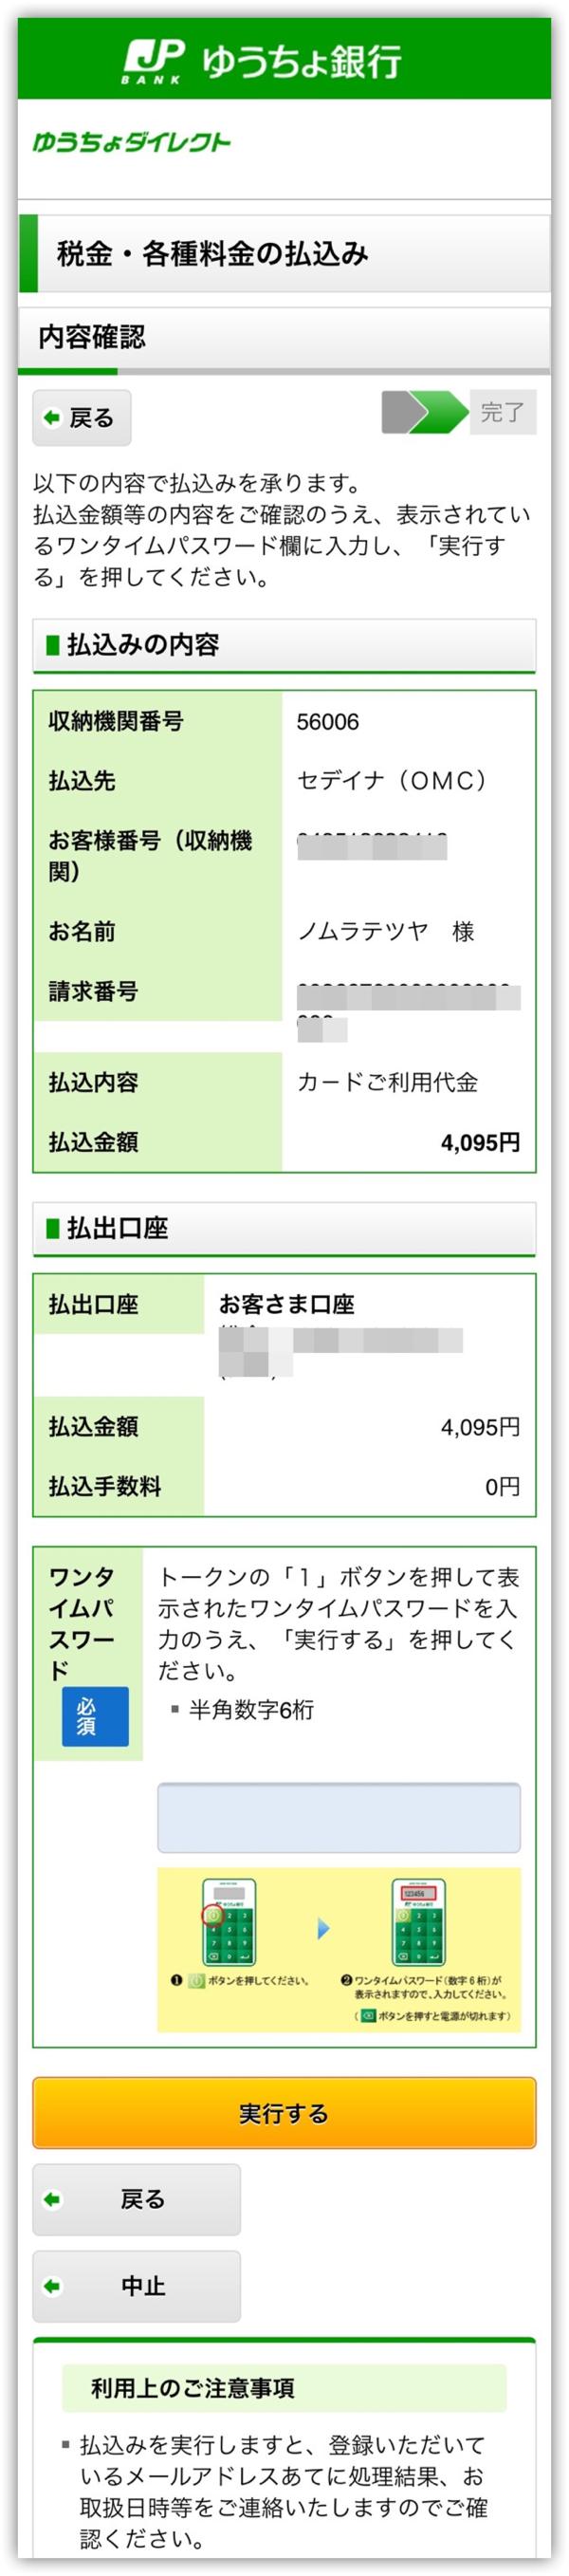 セディナカード繰り上げ返済(ペイジーのゆうちょワンタイムパスワード画面 )